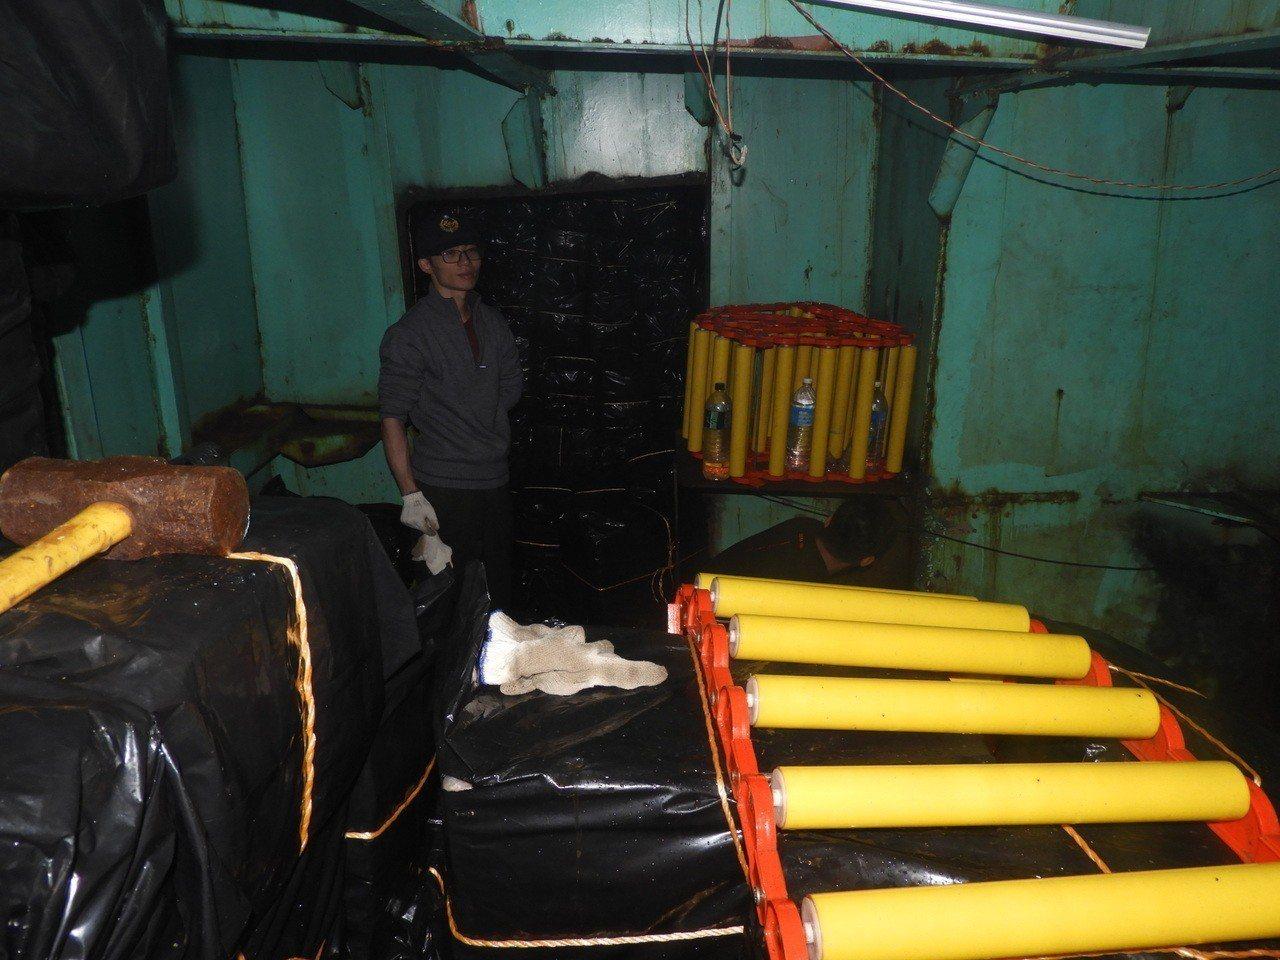 東瓏九號工程船在密艙藏放一千七百多箱未稅菸,仍被專案人員識破起獲。 圖/海岸巡防...